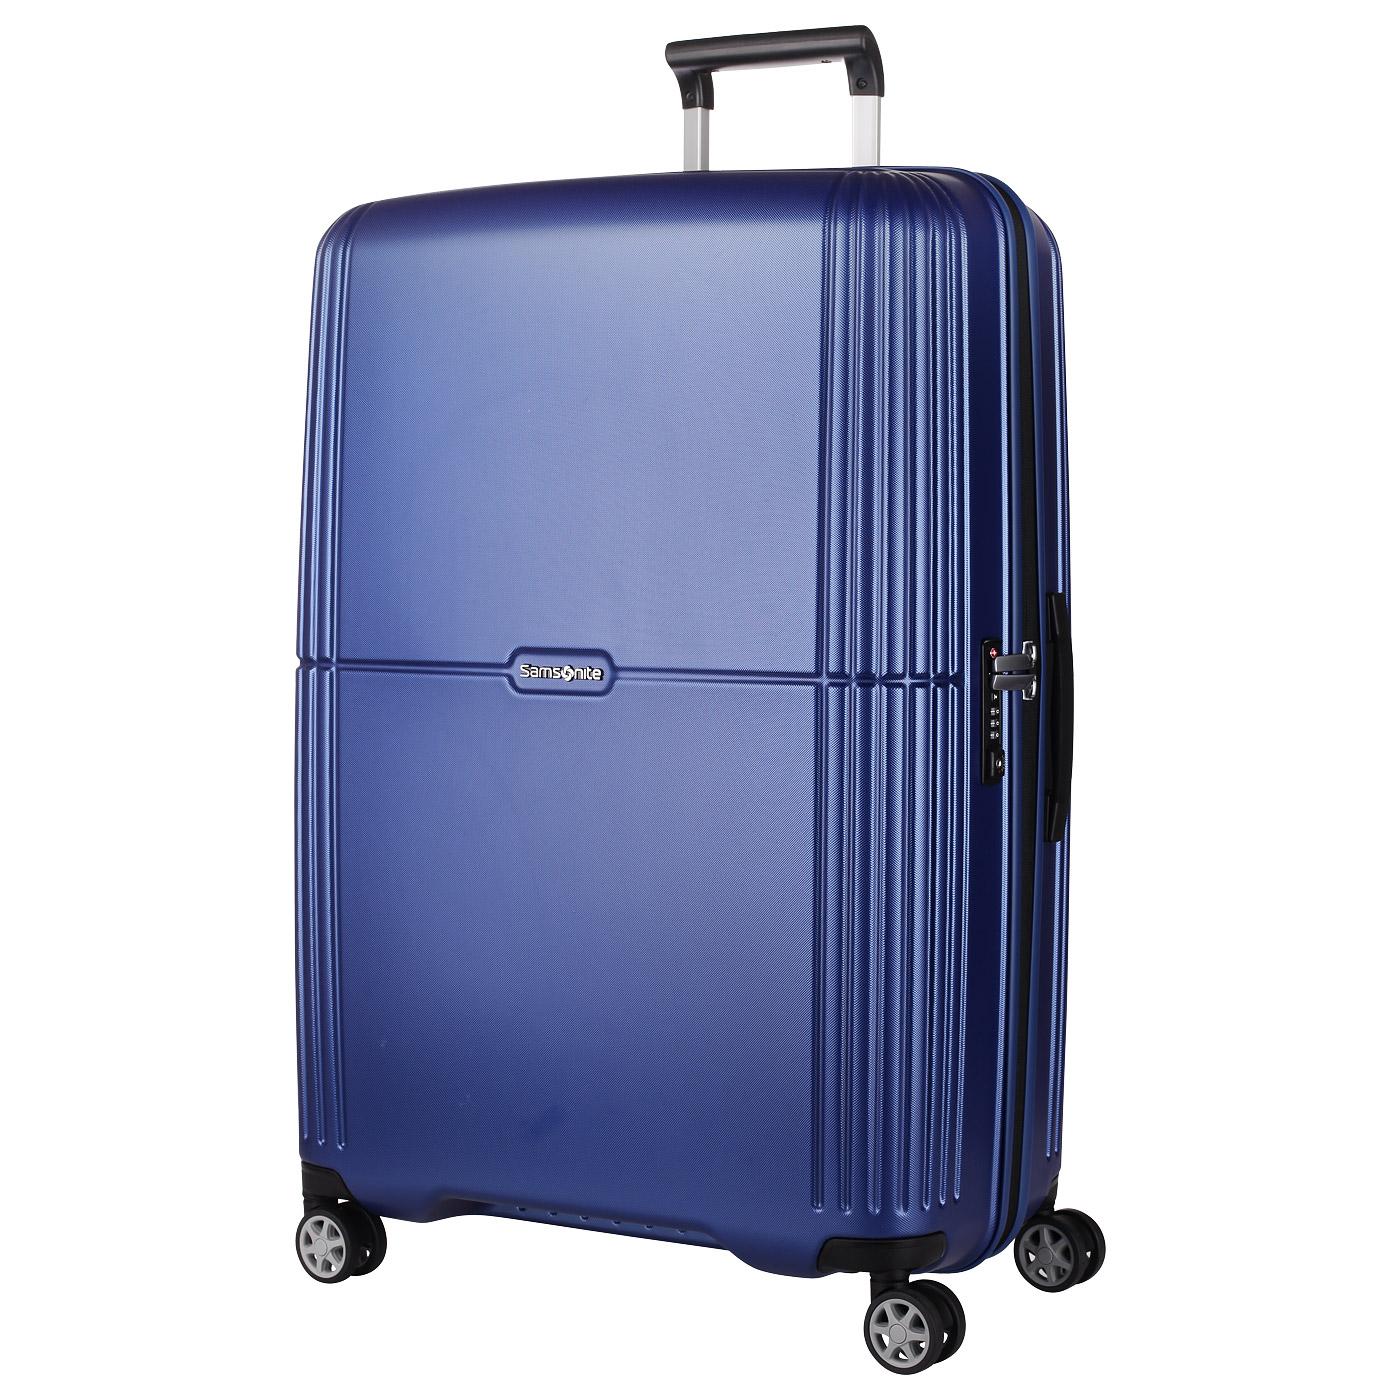 Купить чемодан из поликарбоната недорого